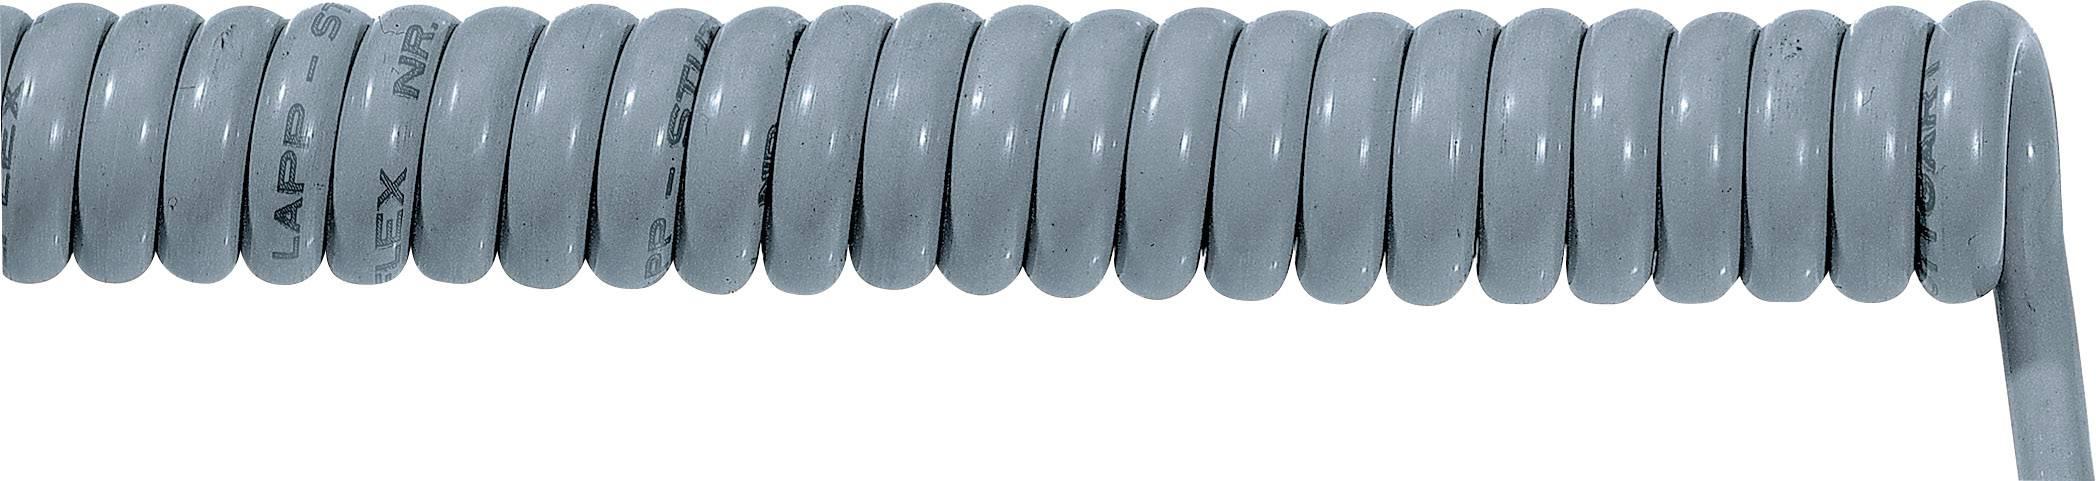 Špirálový kábel 70002706 ÖLFLEX® SPIRAL 400 P 7 x 1.50 mm², 1000 mm / 3000 mm, sivá